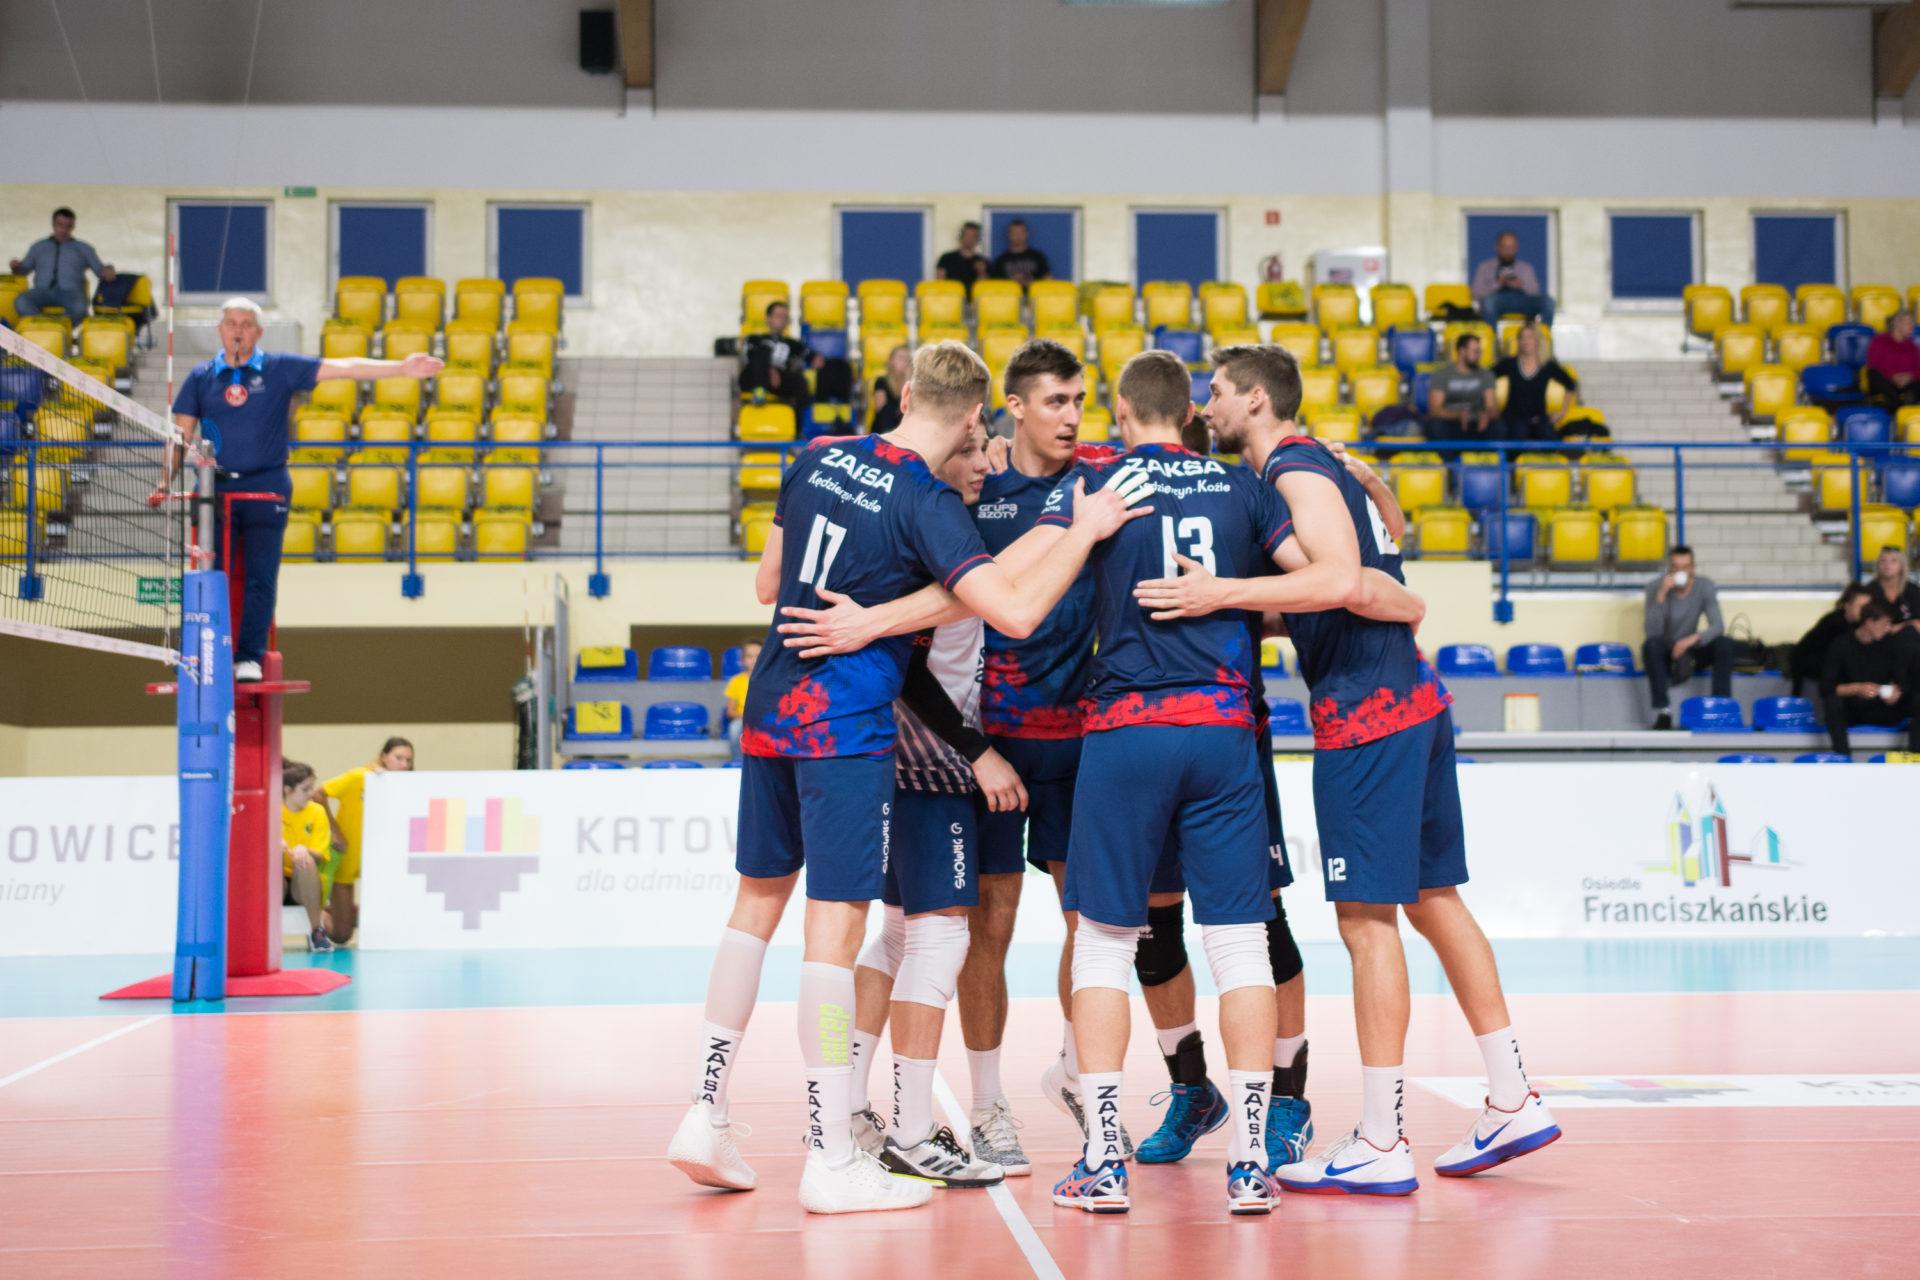 III Memoriał Krzysztof Turka: Pewna wygrana z United Volleys Frankfurt